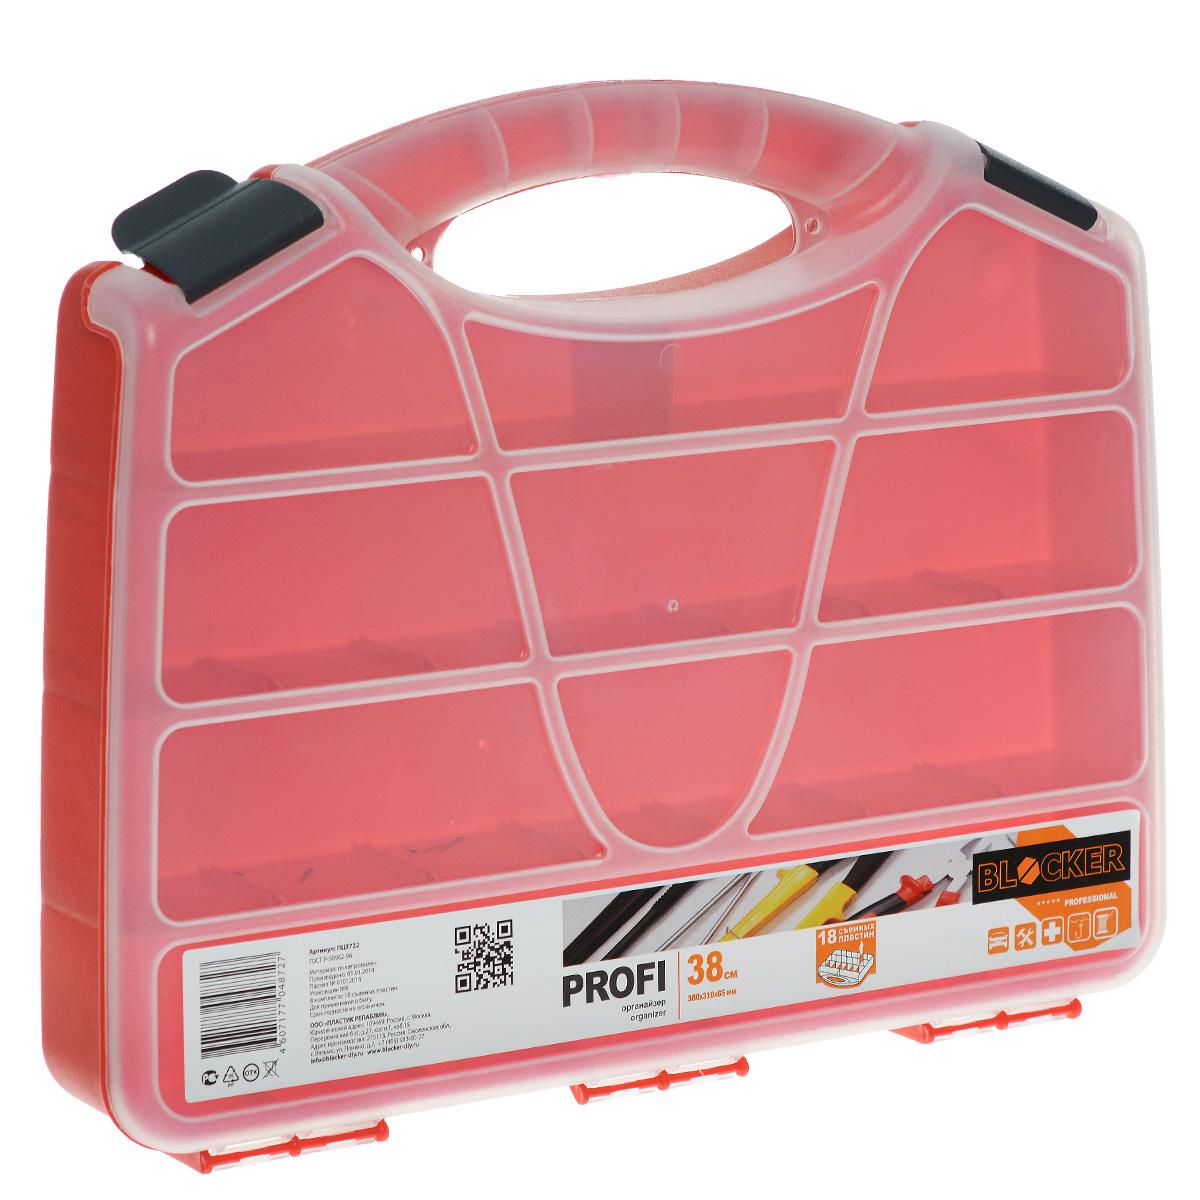 Органайзер Blocker Profi, со съемными перегородками, цвет: красный, прозрачный, серый, 38 х 31 х 6,5 смПЦ3722Органайзер Blocker Profi изготовлен из высококачественного прочного пластика и предназначен для хранения и переноски инструментов, рыболовных принадлежностей и различных мелочей. Оснащен 5 большими отделениями, в 3 из которых можно вставить перегородки (в комплекте - 18 перегородок). Органайзер надежно закрывается при помощи пластмассовых защелок. Крышка выполнена из прозрачного пластика, что позволяет видеть содержимое. Размер самого большого отделения: 37 см х 6,5 см х 5,8 см. Размер самого маленького отделения: 6,5 см х 5,5 см х 5,8 см. Общий размер органайзера: 38 см х 31 см х 6,5 см.